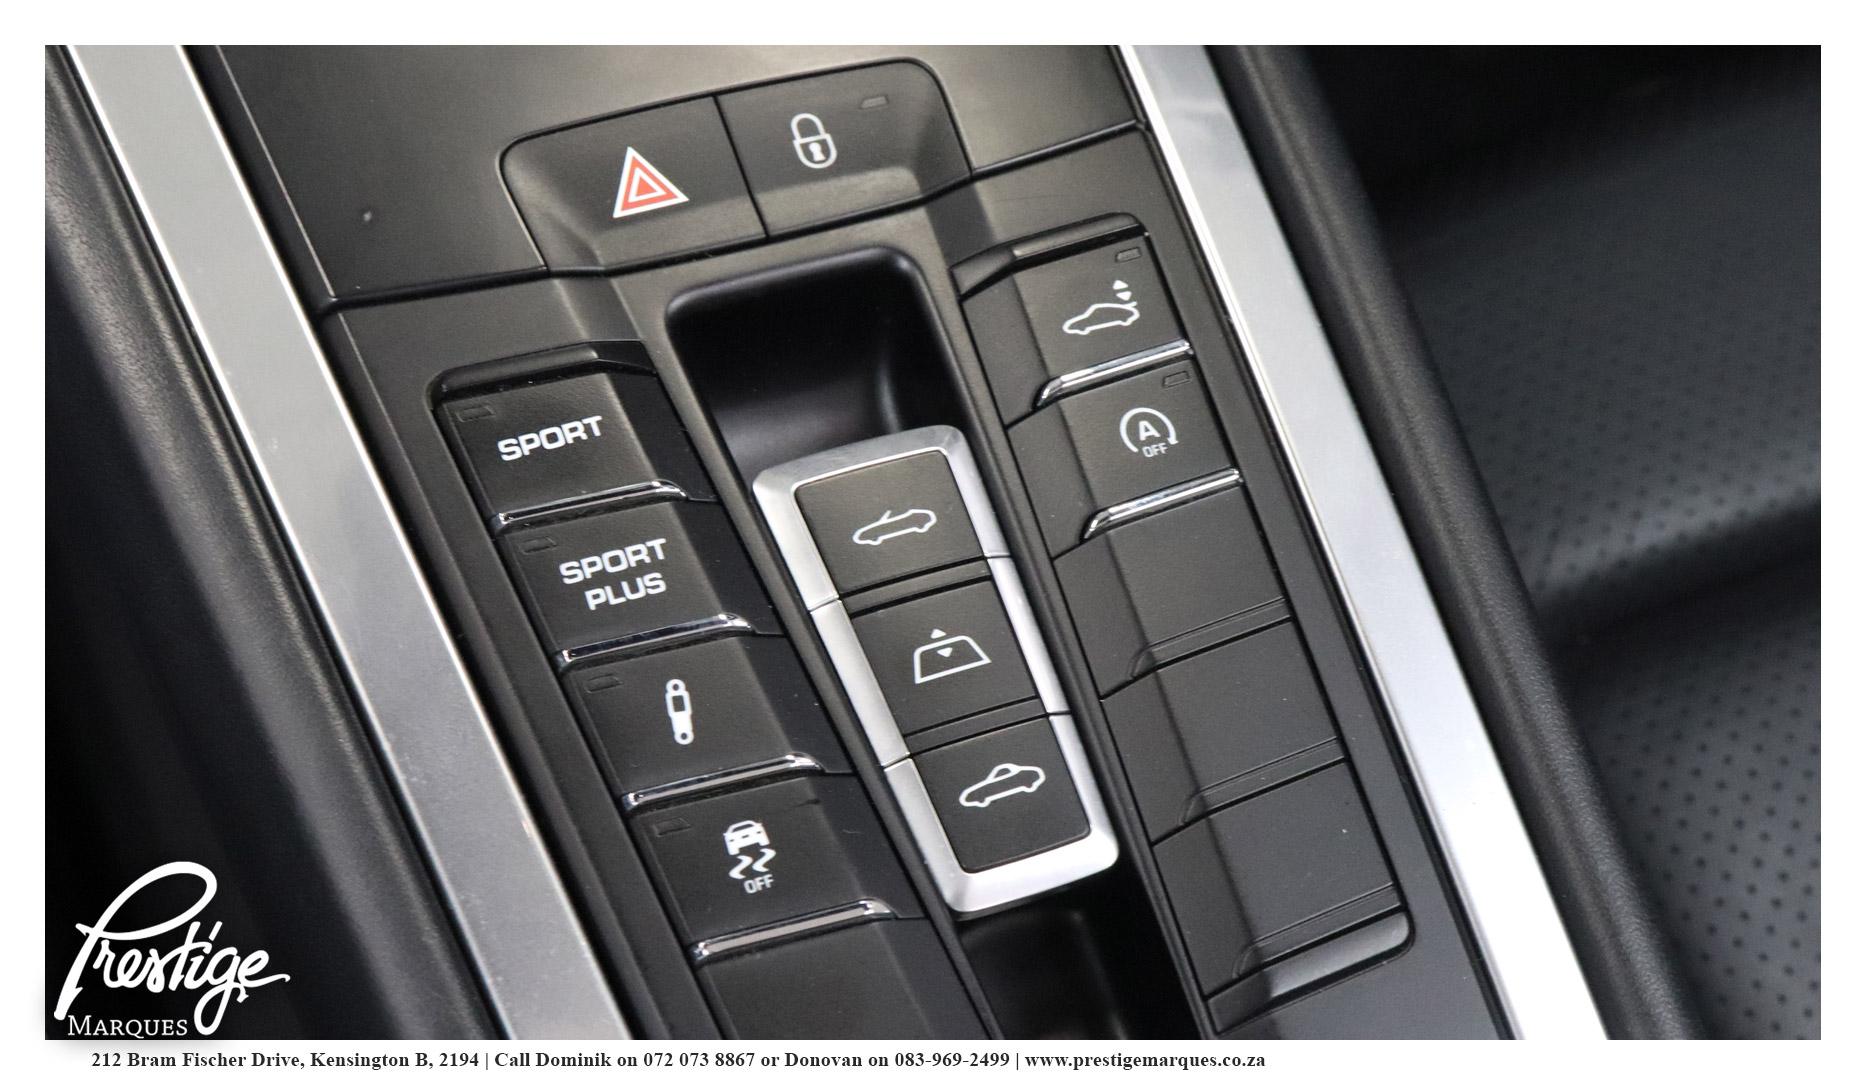 2013-Porsche-911-991-Carrera-4s-PDK-Cabriolet-Prestige-Marques-Randburg-Sandton-20